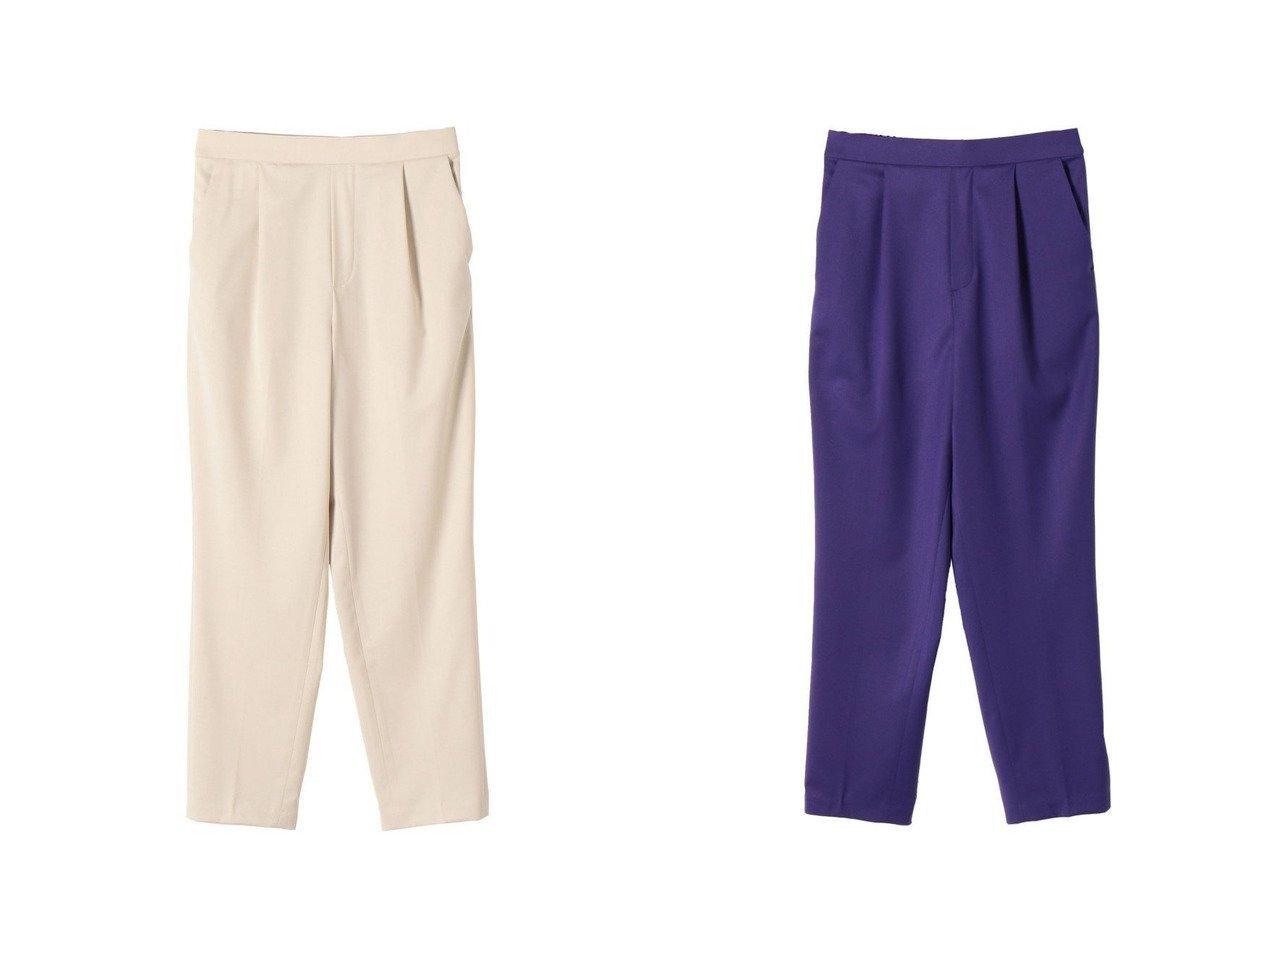 【SHIPS/シップス フォー ウィメン】のウォッシャブルテーパードパンツ パンツのおすすめ!人気、トレンド・レディースファッションの通販 おすすめで人気の流行・トレンド、ファッションの通販商品 メンズファッション・キッズファッション・インテリア・家具・レディースファッション・服の通販 founy(ファニー) https://founy.com/ ファッション Fashion レディースファッション WOMEN パンツ Pants NEW・新作・新着・新入荷 New Arrivals クロップド ジーンズ メランジ 定番 Standard |ID:crp329100000011723